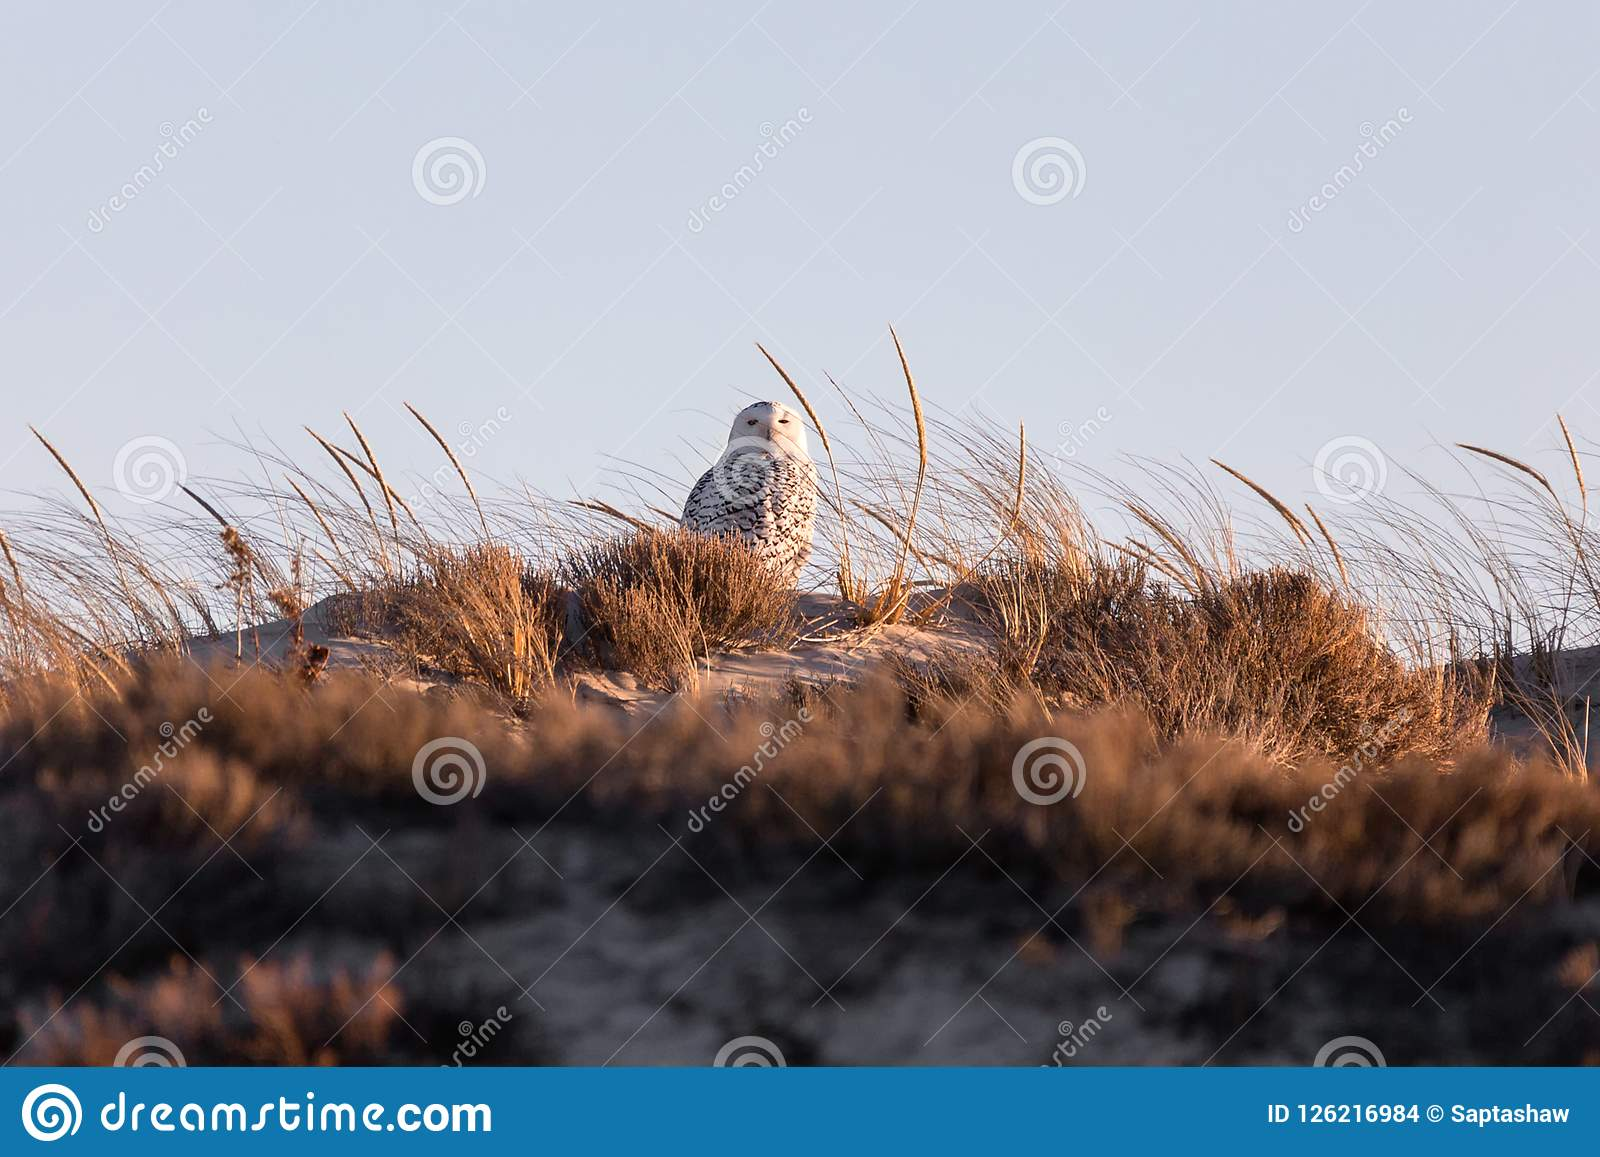 Sneeuwuil op een zandduin bij zonsondergang